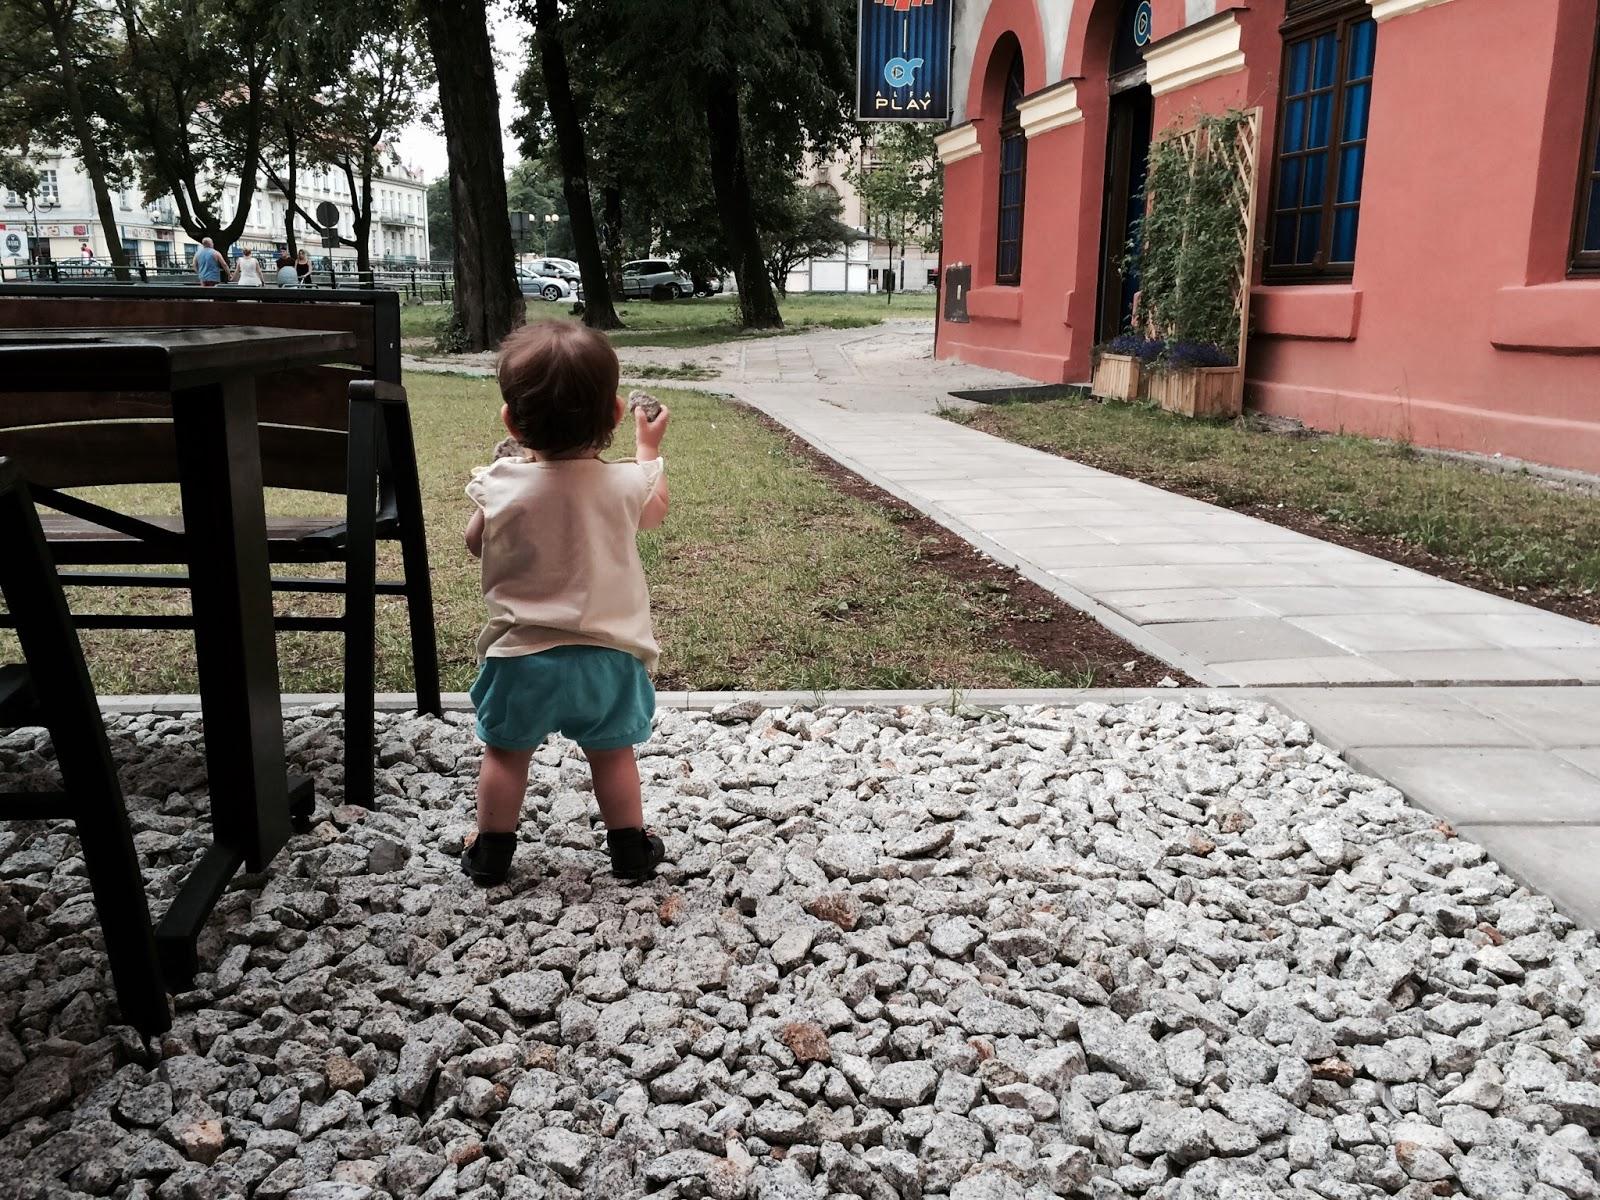 Zmiany zmiany zmiany, a z czym związane?! Zdjęcie dziecka w internecie...